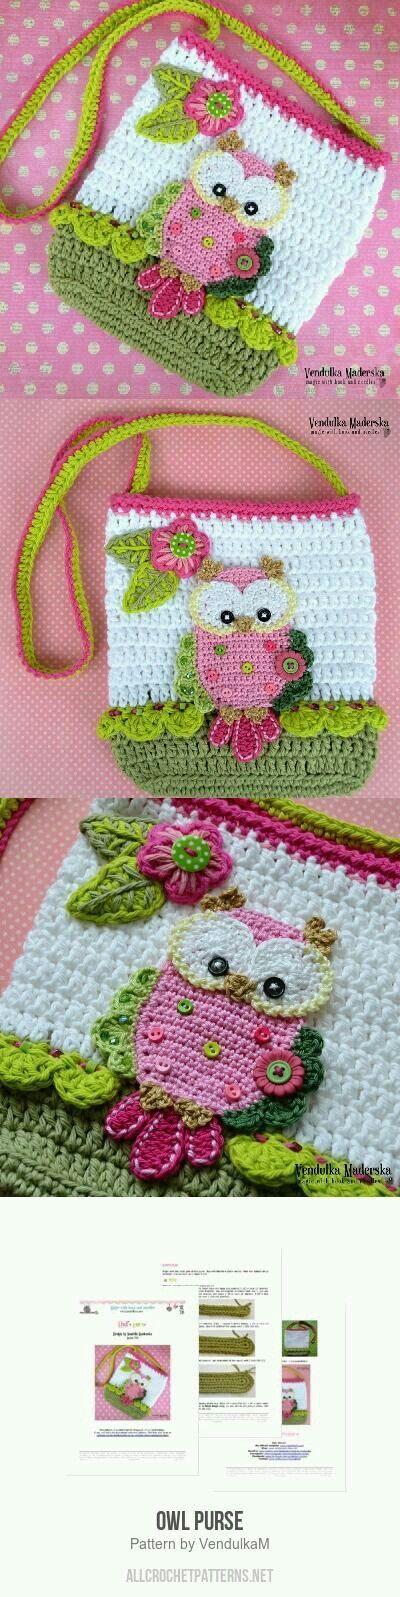 Vistoso Los Patrones De Crochet Libre Fácil Para Los Principiantes ...